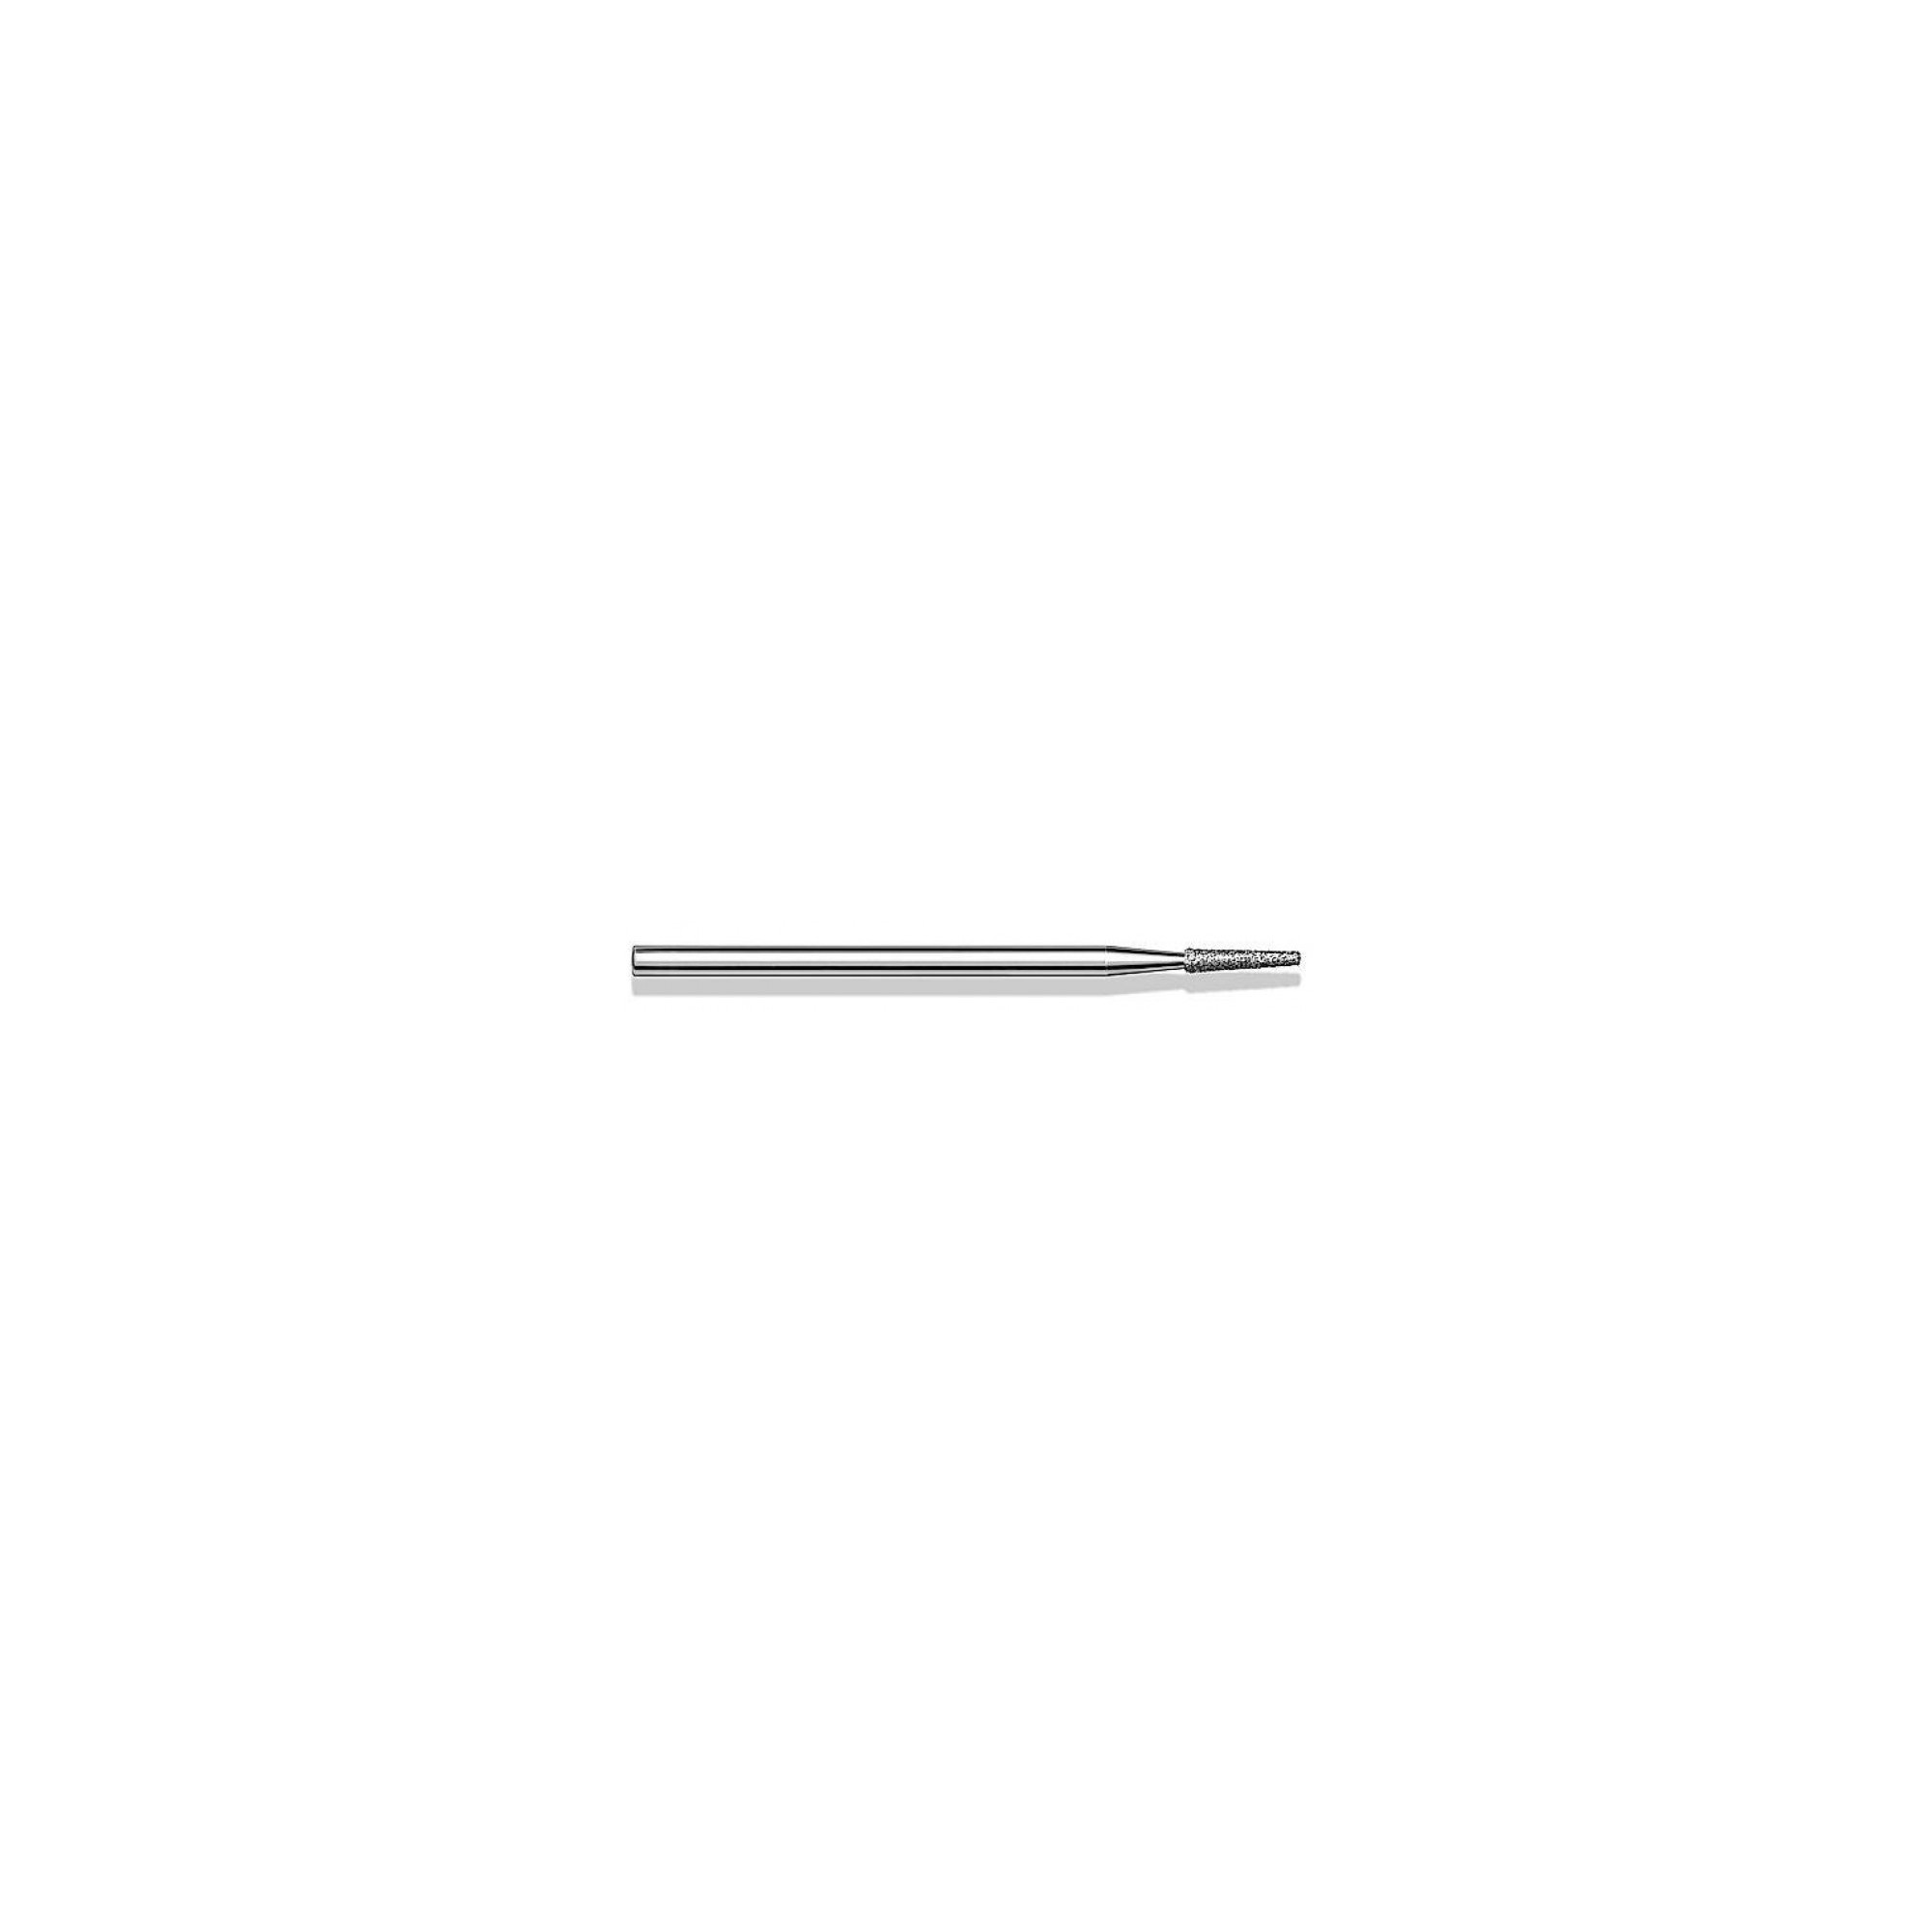 Fraise diamantée standard - Lissage des ongles et des callosités - Grain moyen - Pack de 2 fraises - ø1,8mm